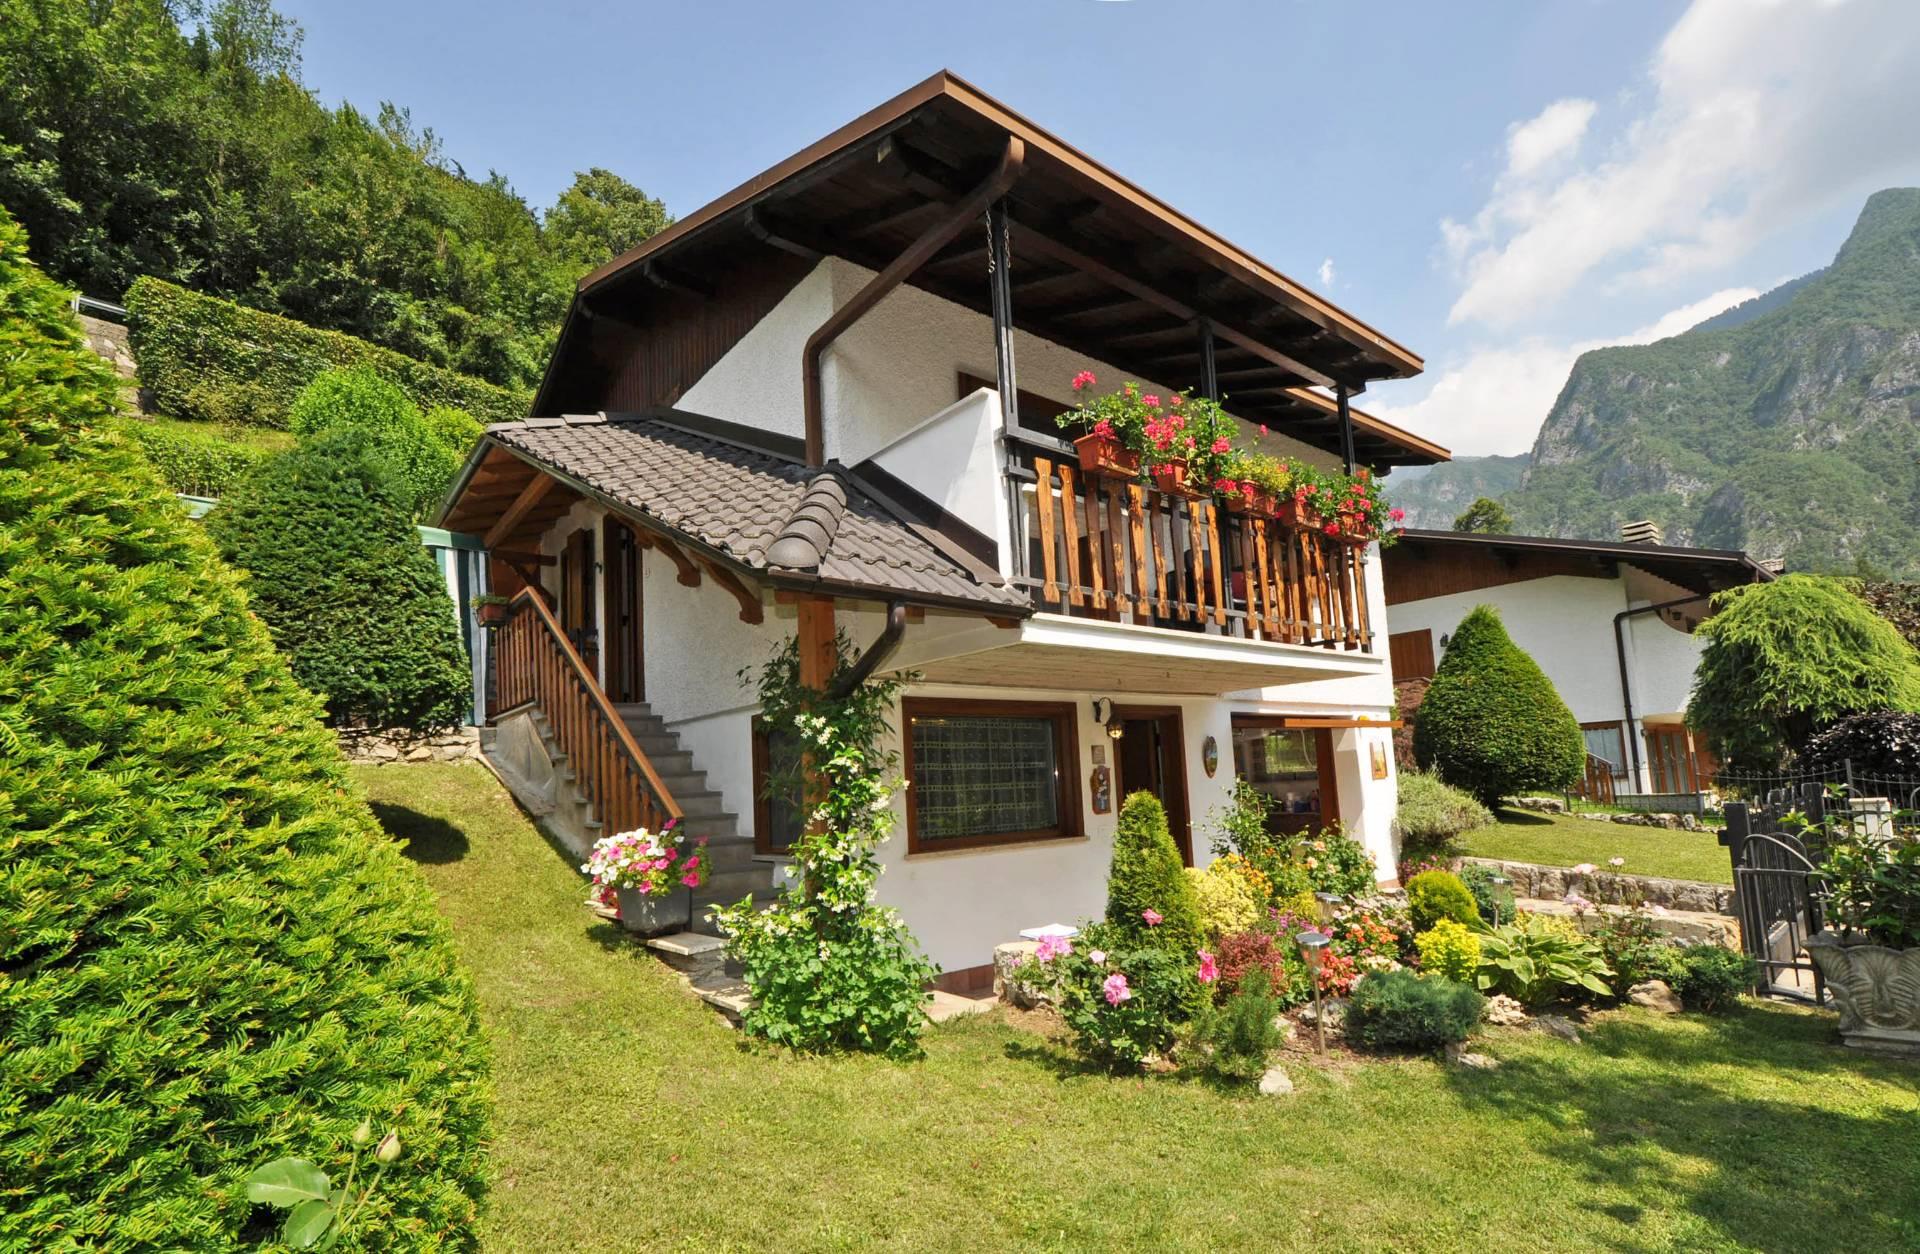 Villa in vendita a Piazza Brembana, 5 locali, Trattative riservate | Cambio Casa.it